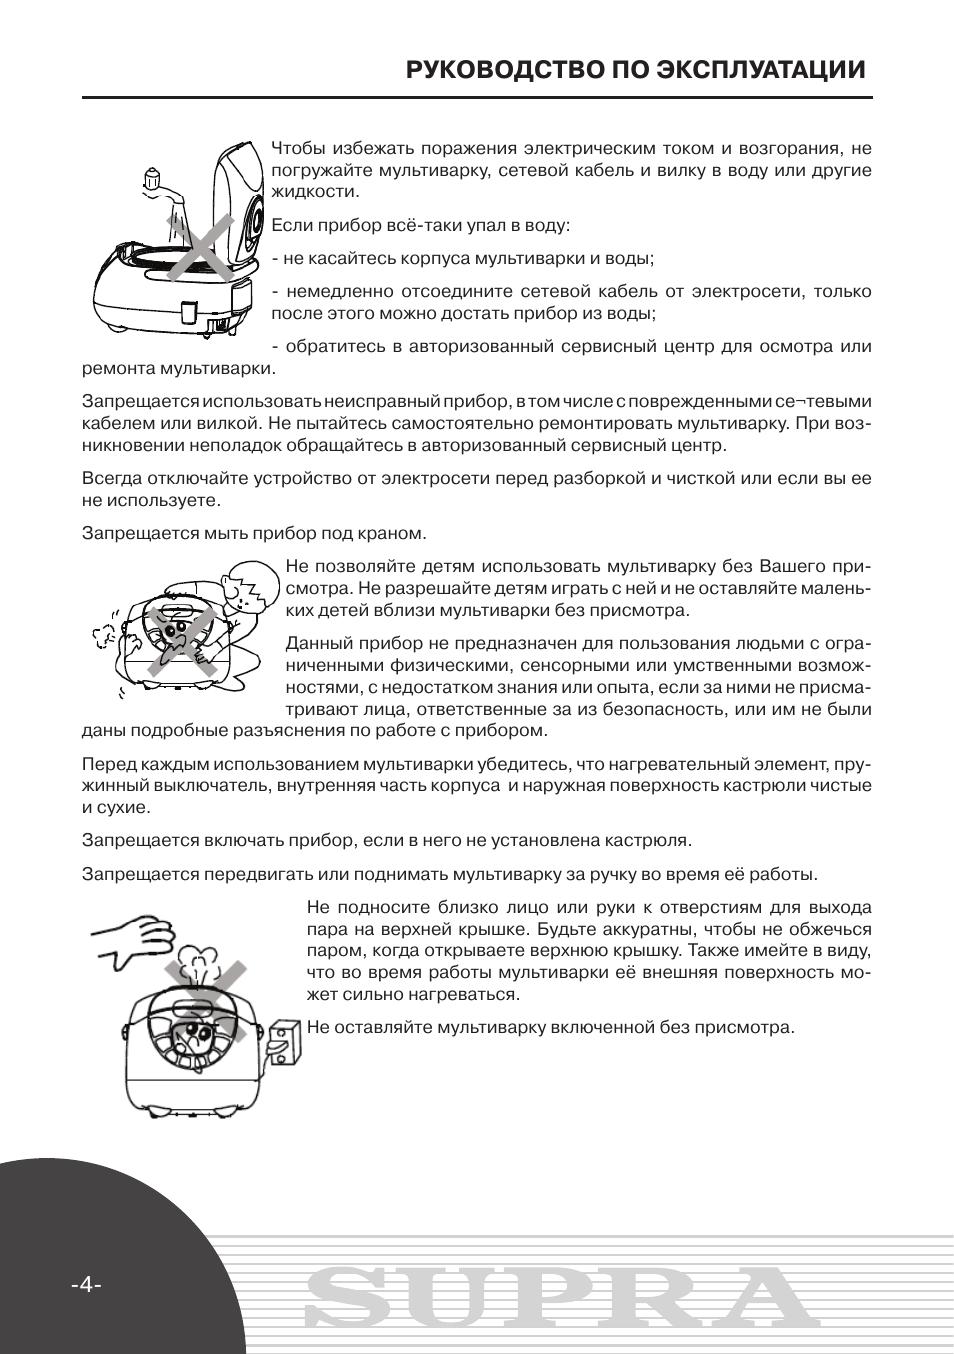 мультиварка супра 4511 mcs инструкция по применению